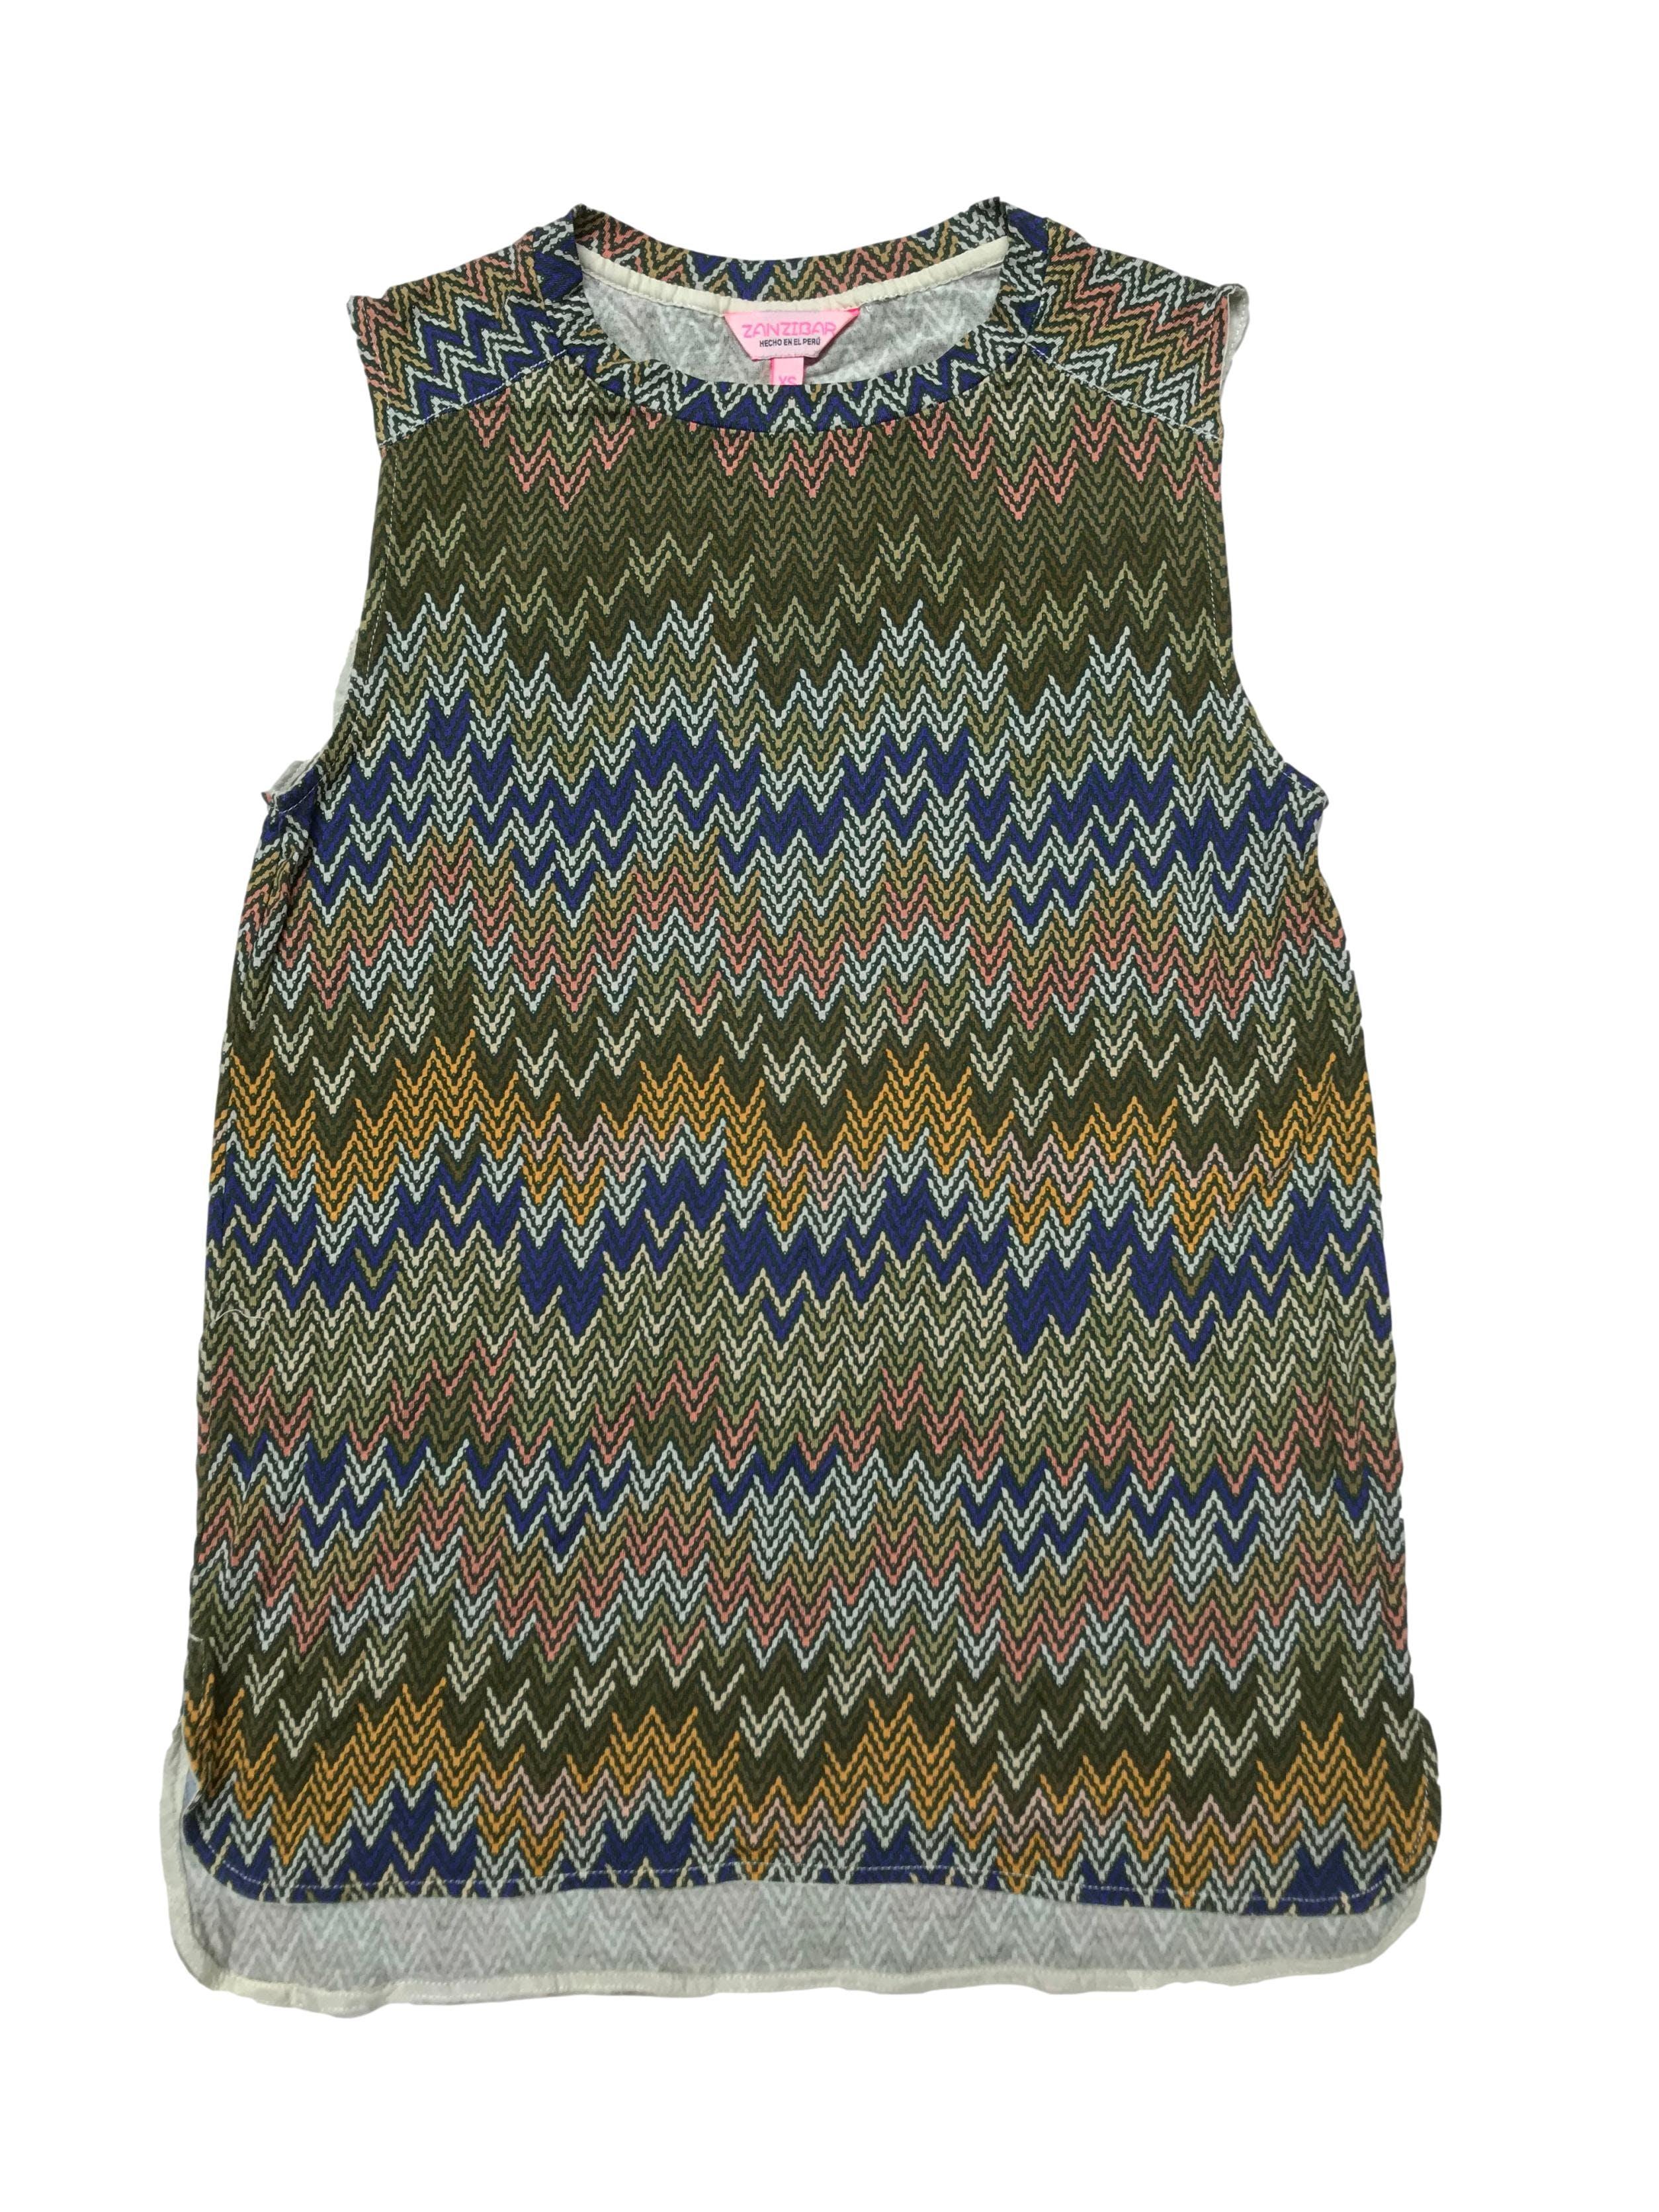 Polo Zanzibar con estampado en zigzag,  tela tipo algodón con spandex. Largo 63cm.